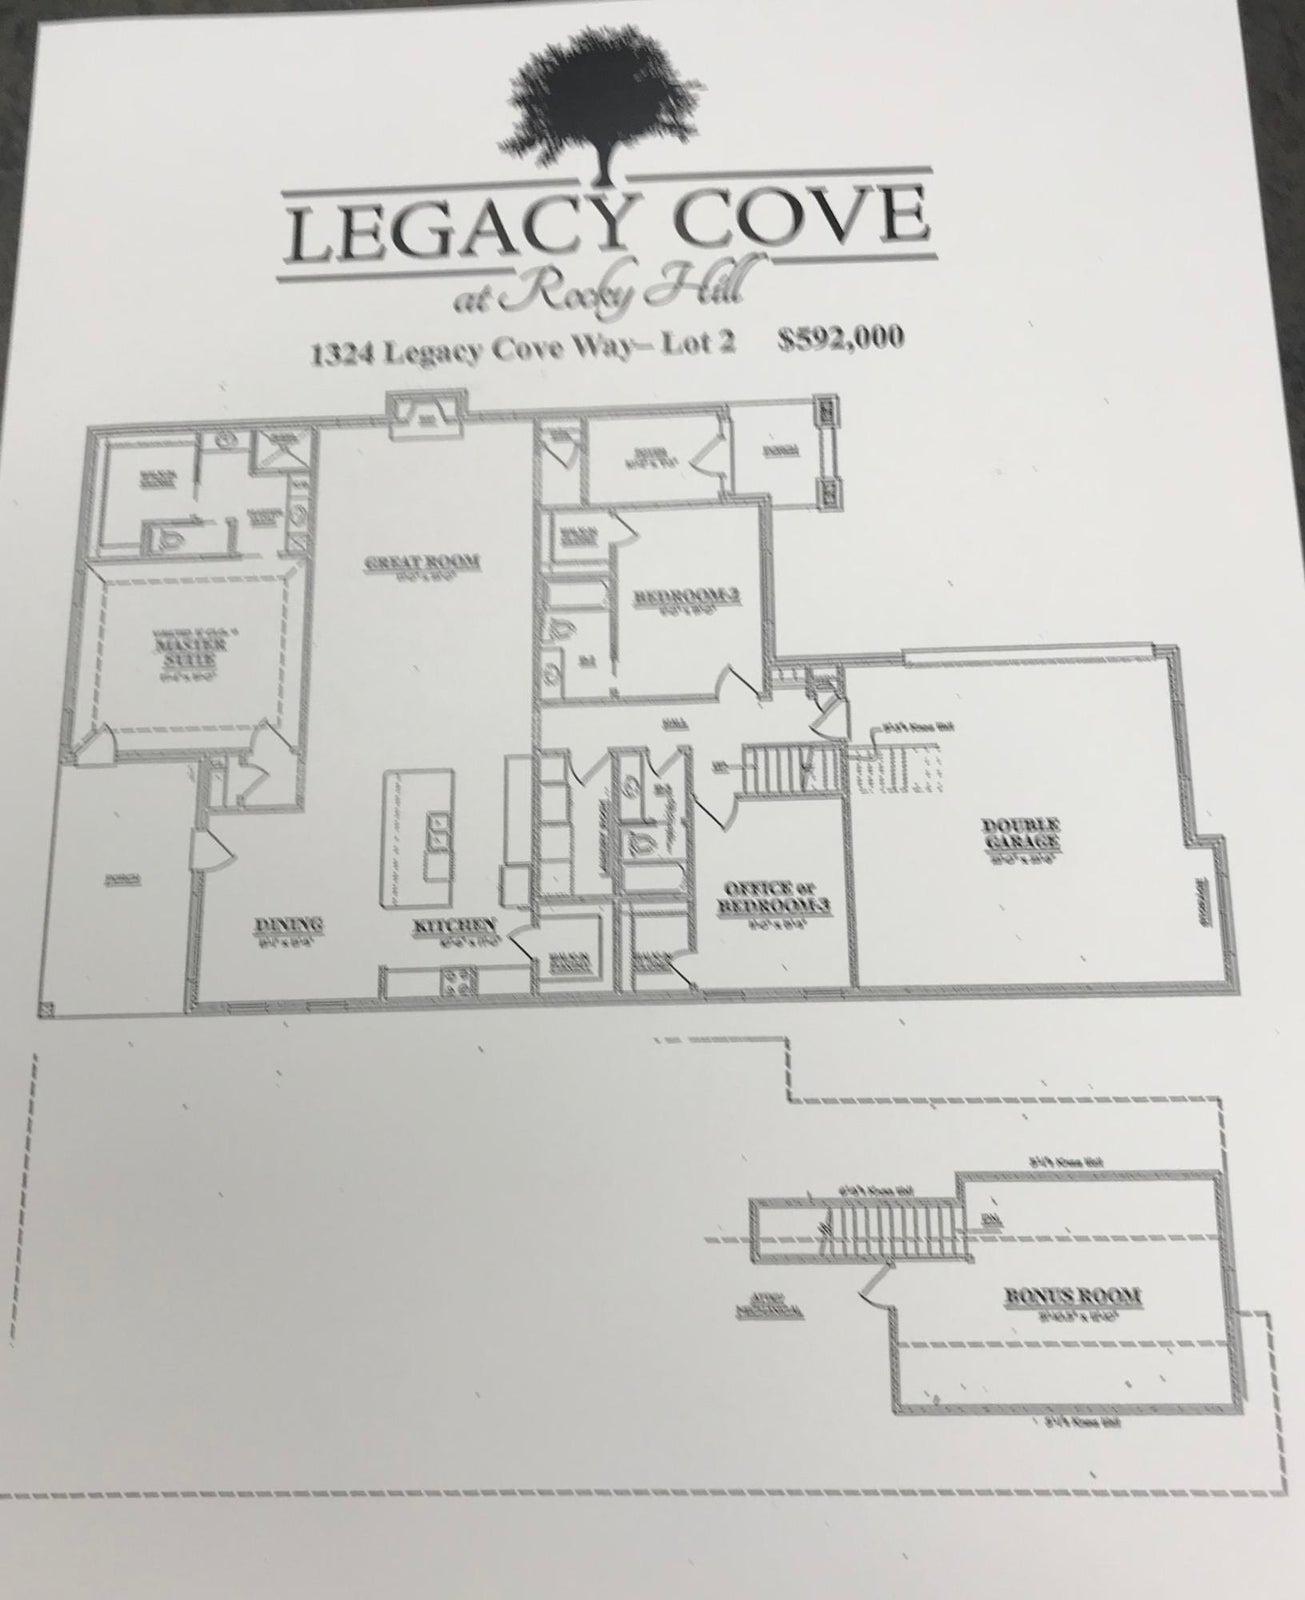 1324 legacy plan